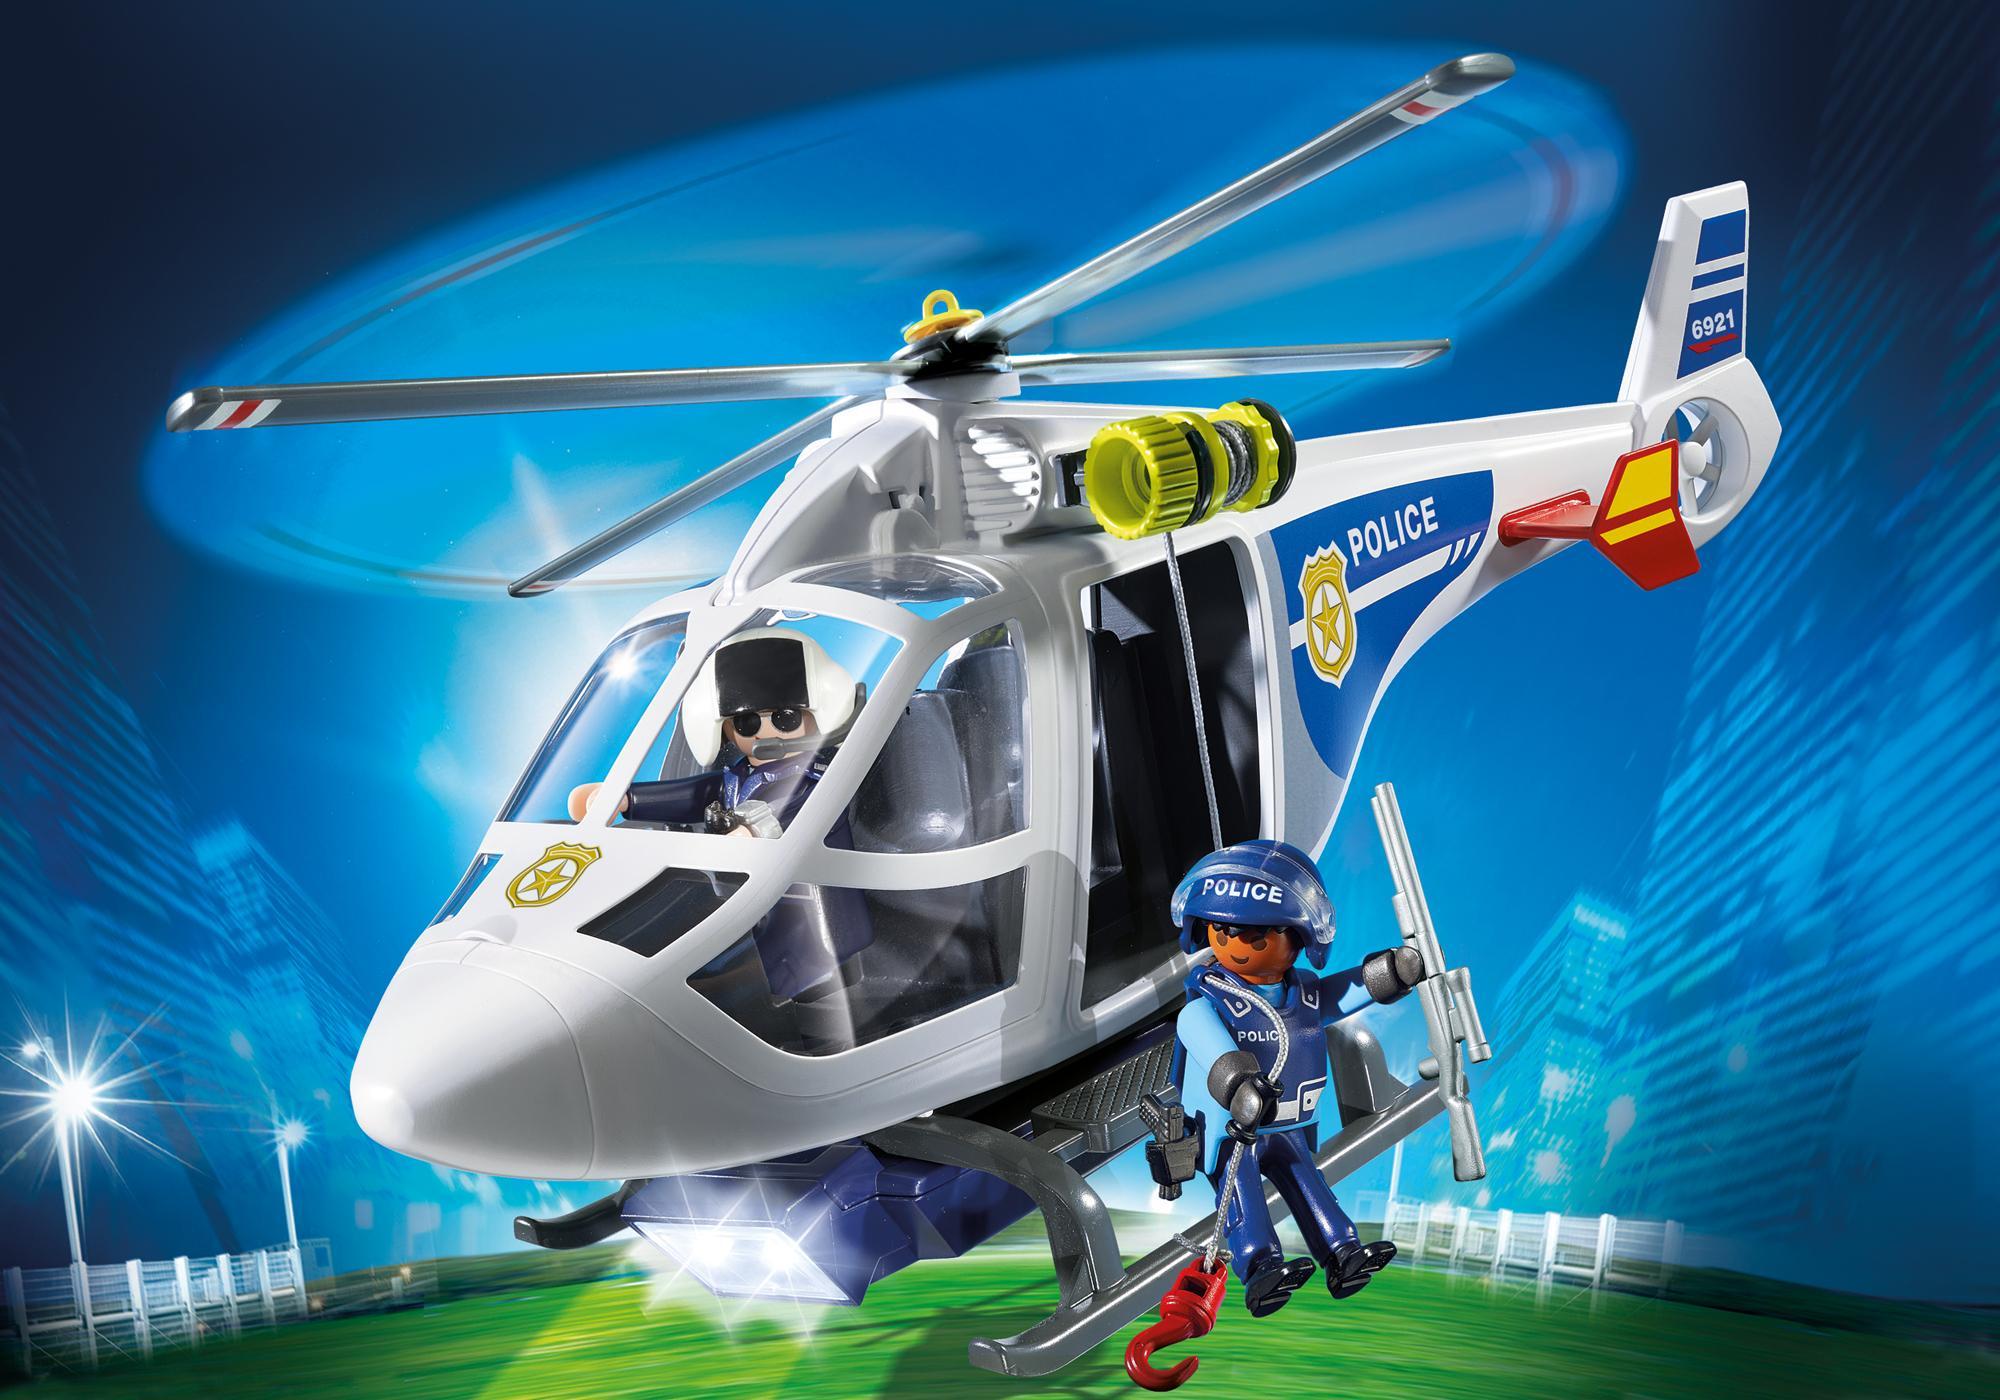 http://media.playmobil.com/i/playmobil/6921_product_detail/Hélicoptère de police avec projecteur de recherche